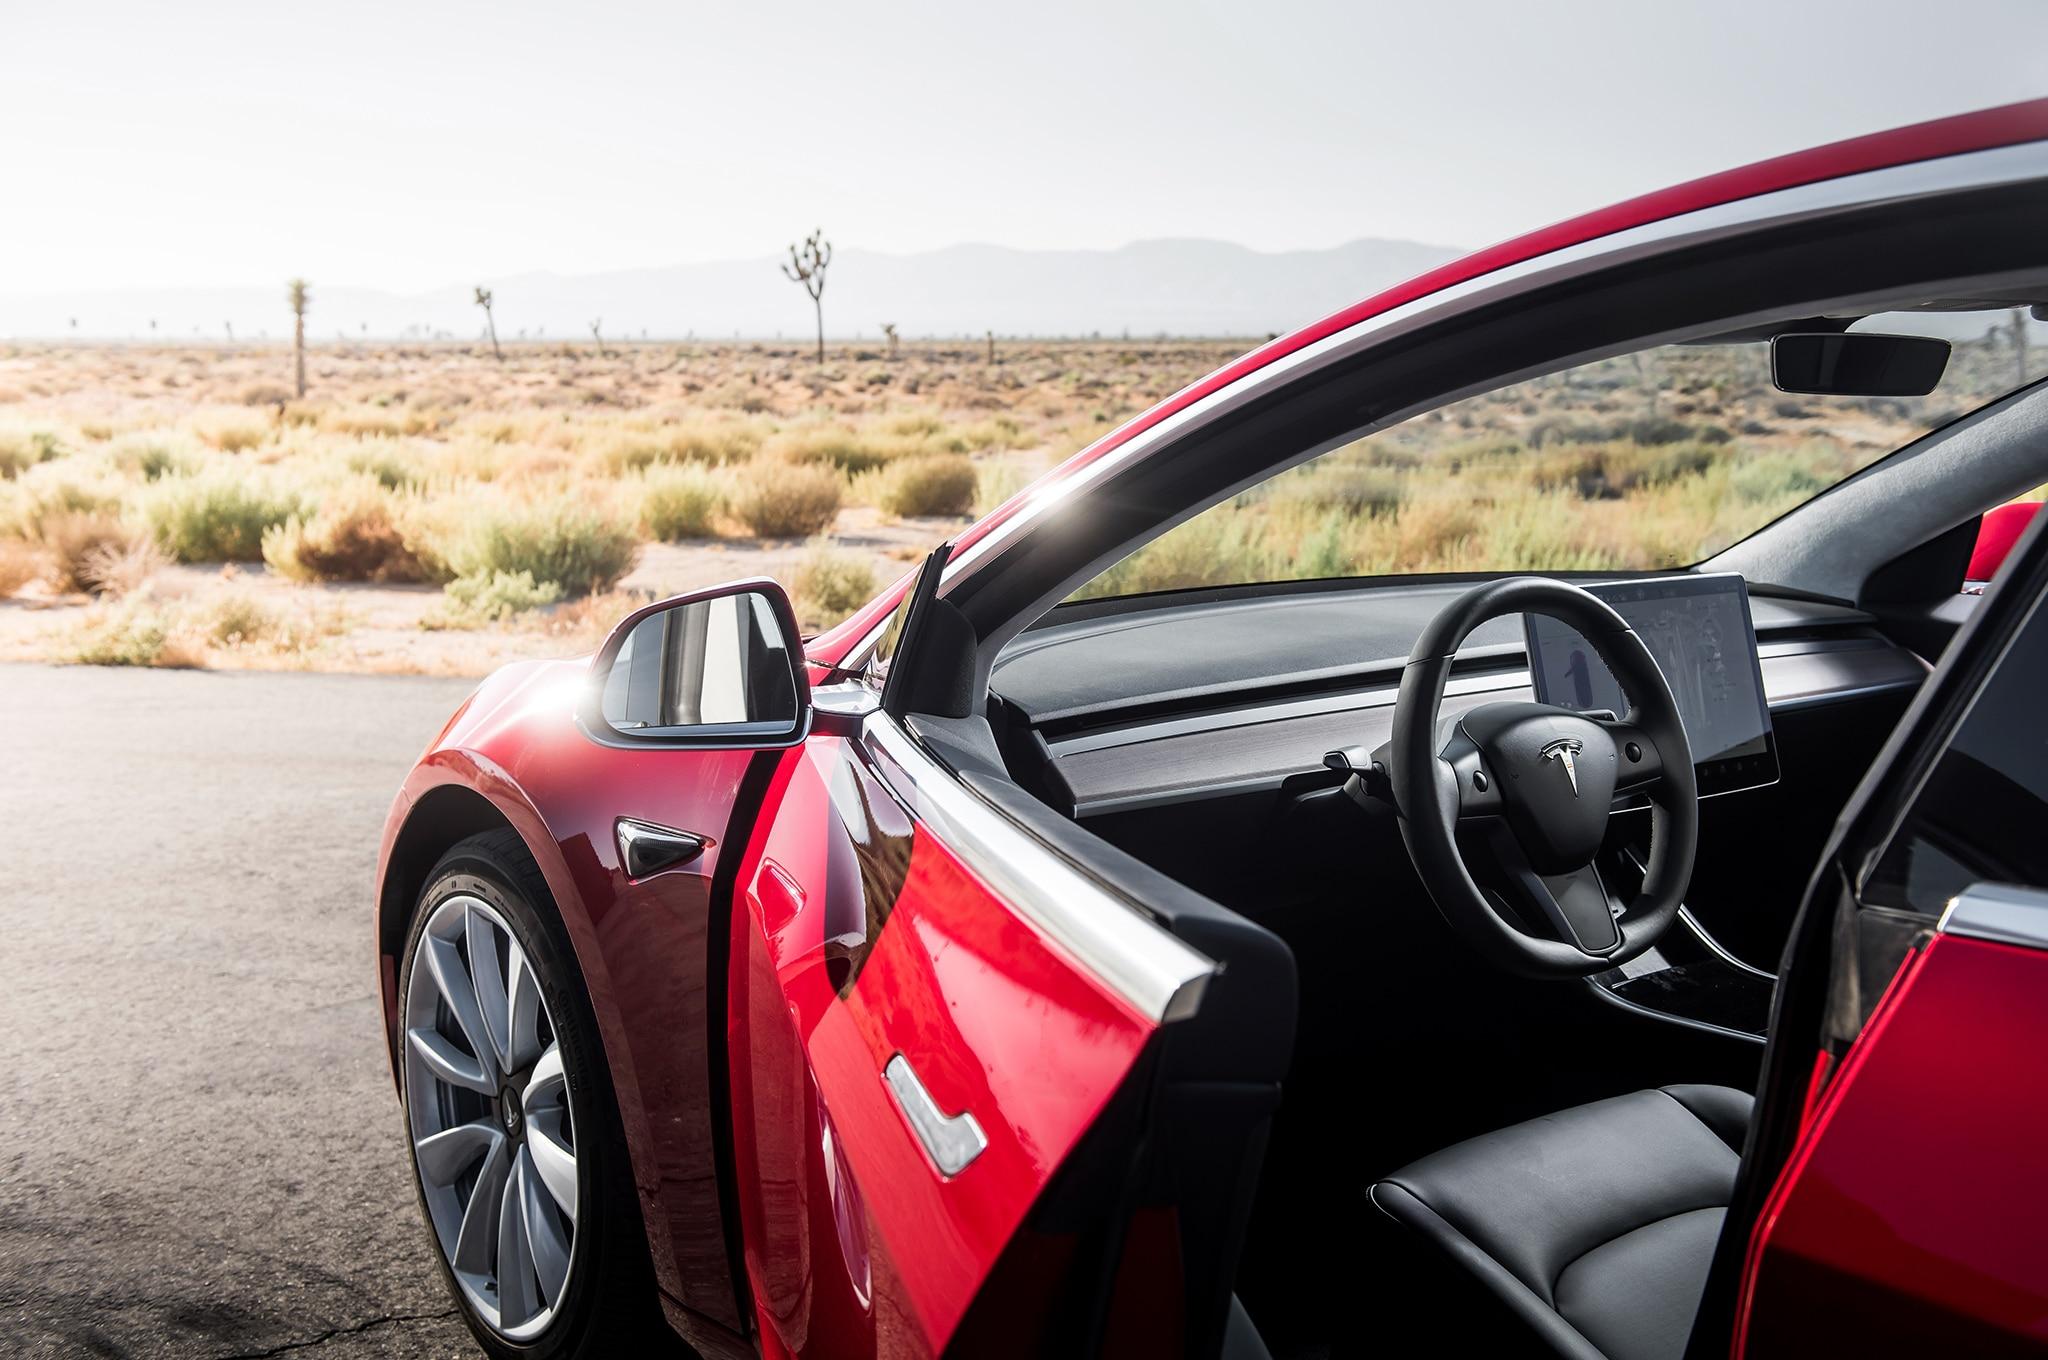 U.S. regulators begin Tesla crash investigations